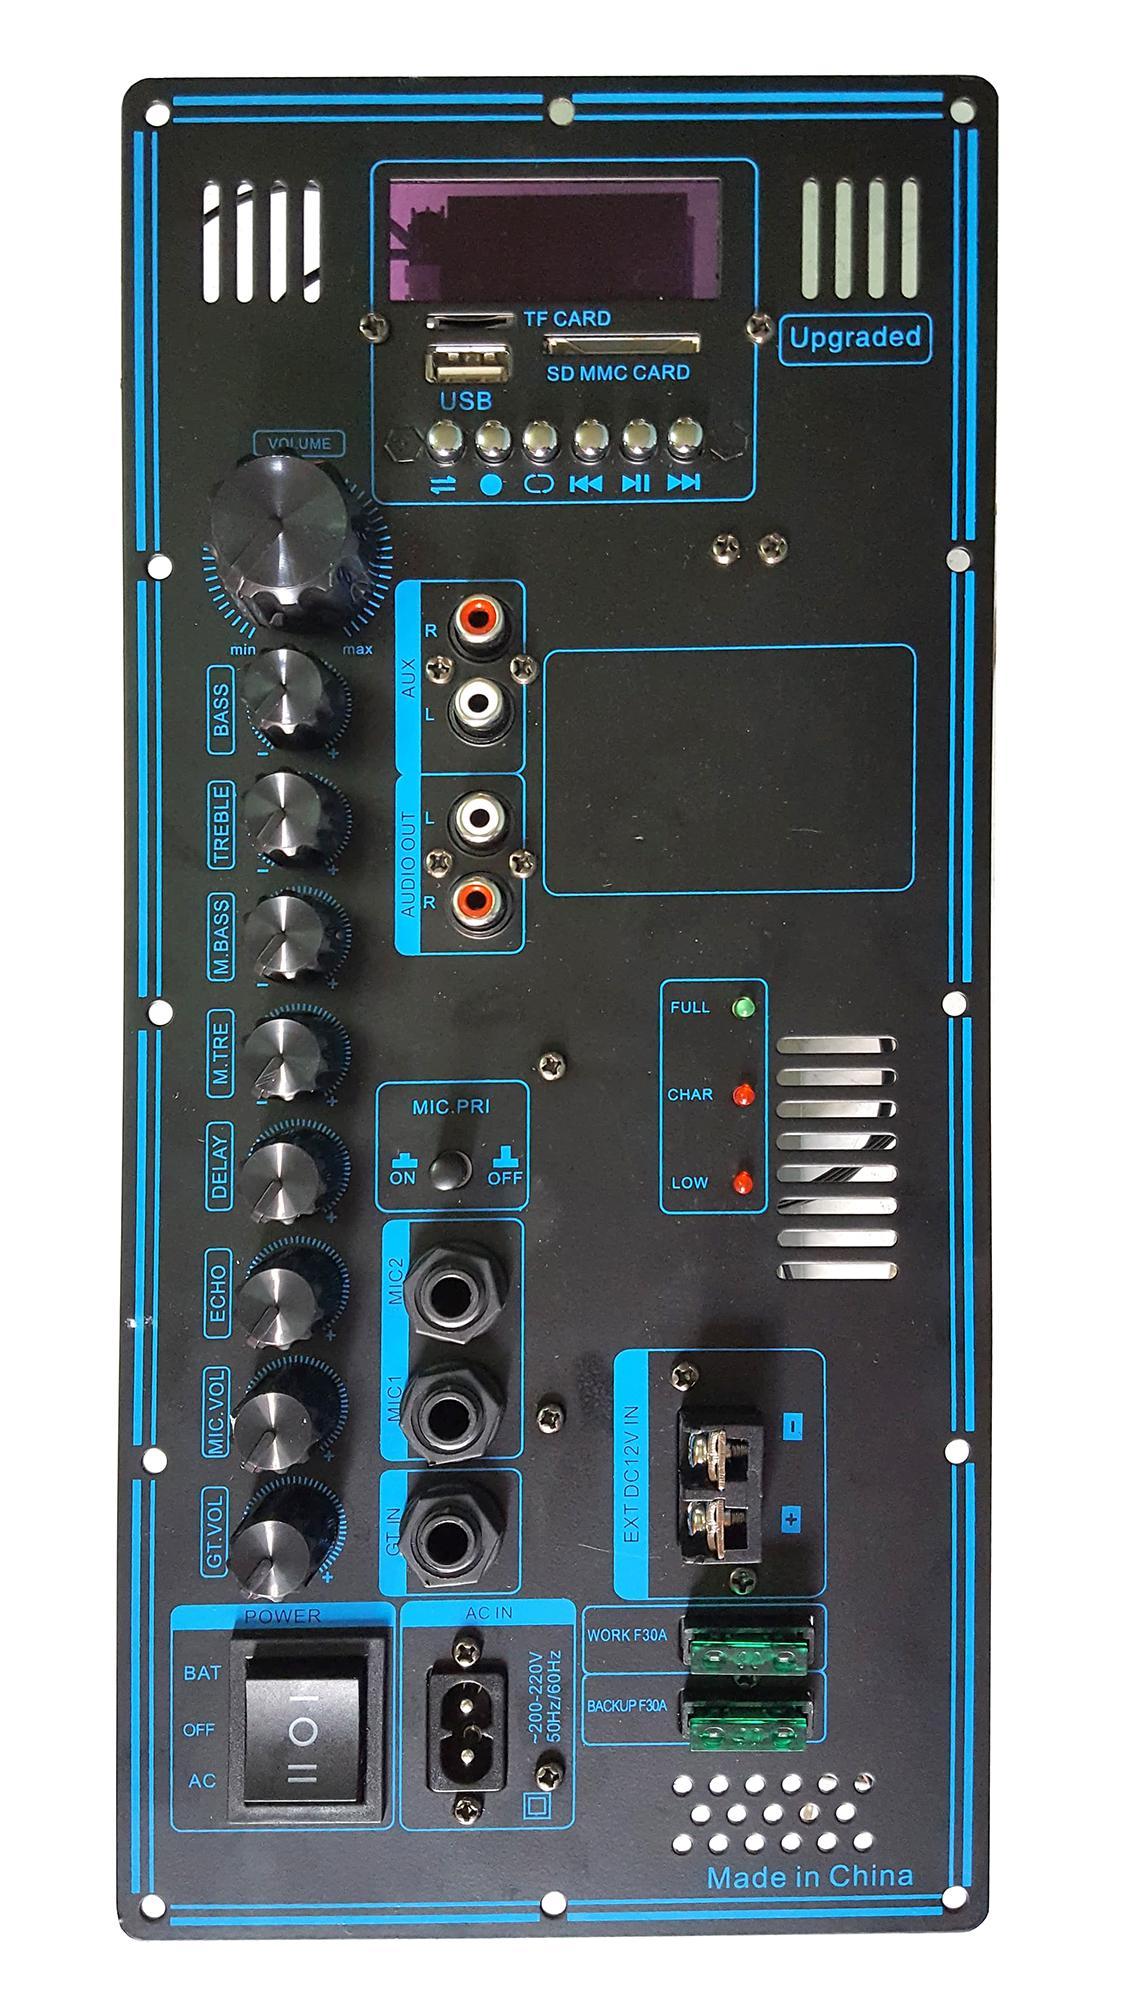 Hình ảnh Board mạch loa kéo cho các dòng GD - bass 4 tấc